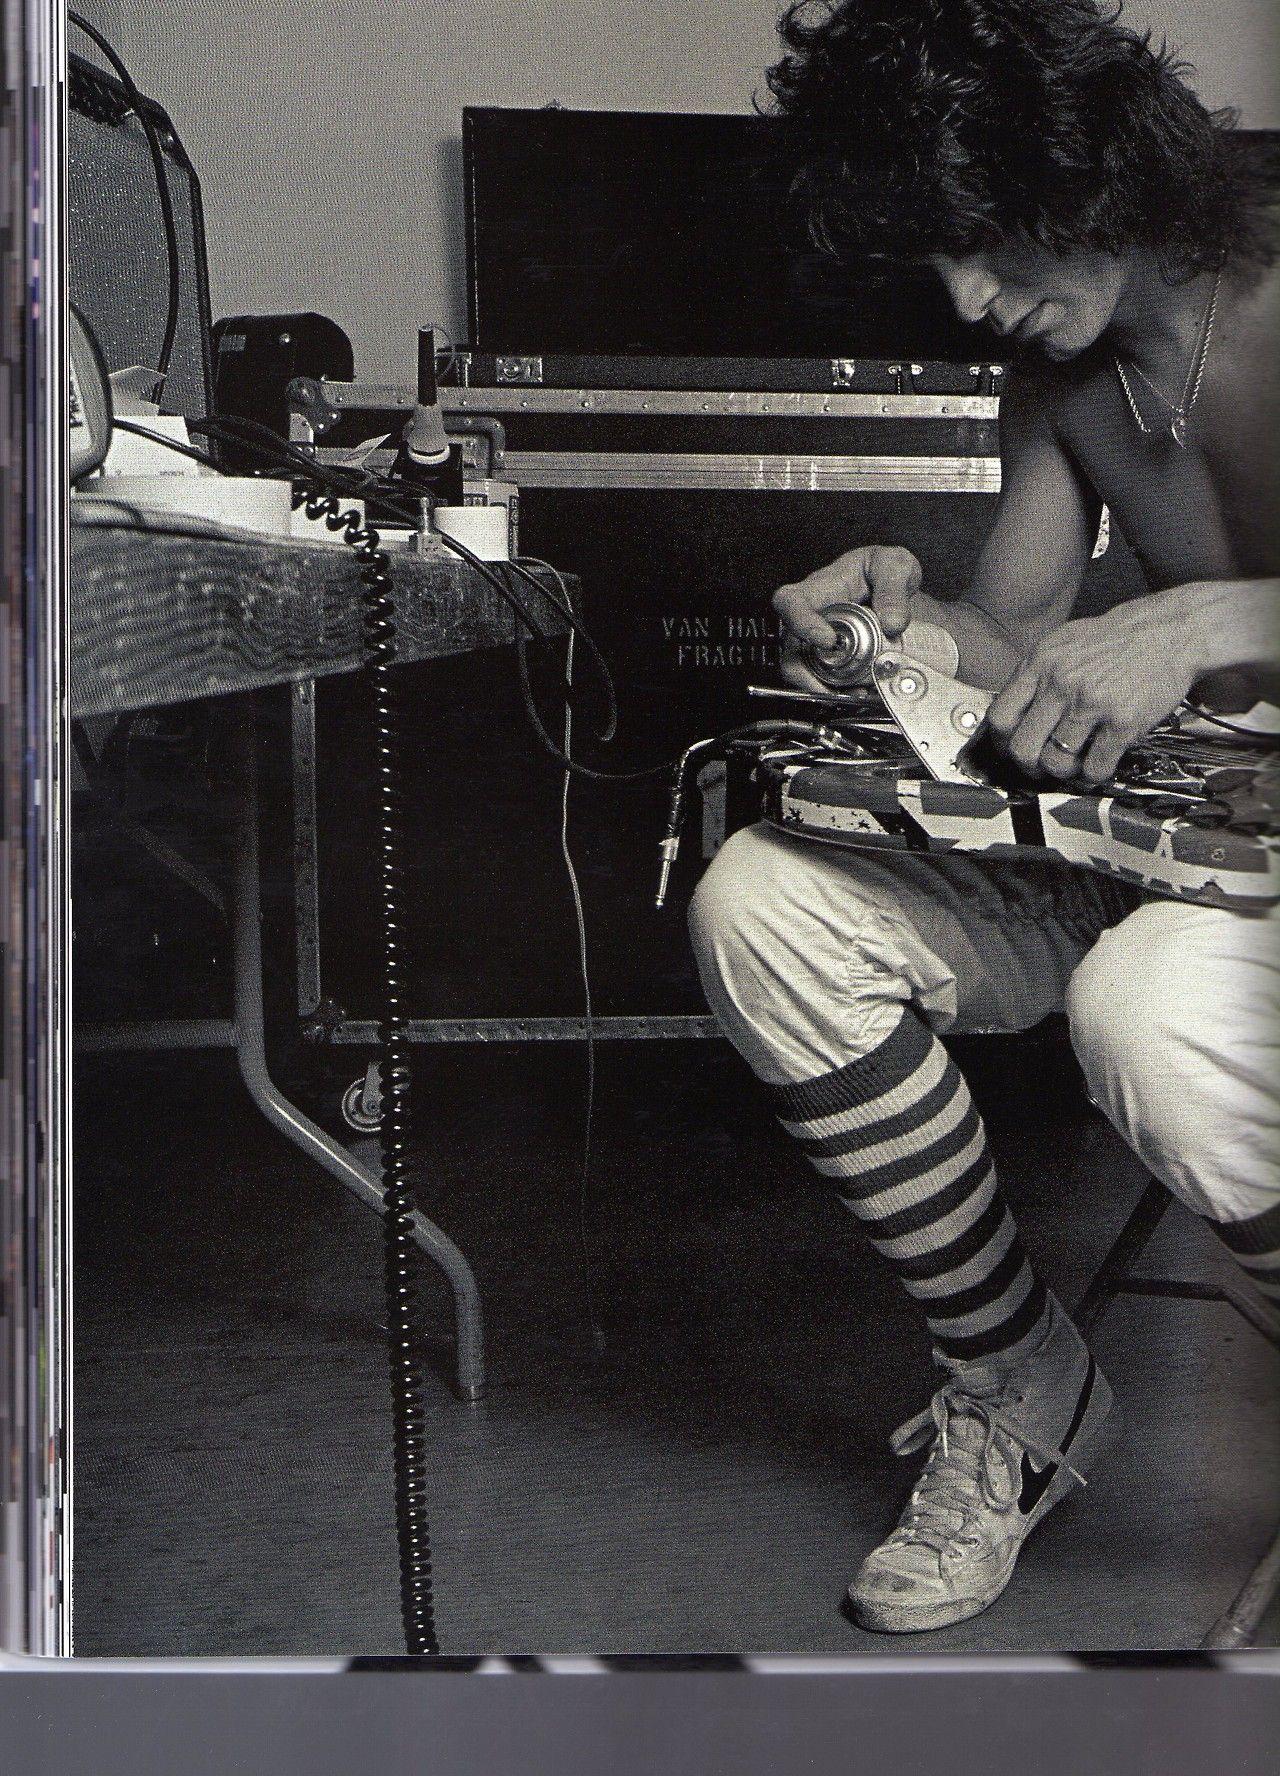 Llittledreameer Eddie Van Halen Van Halen Alex Van Halen